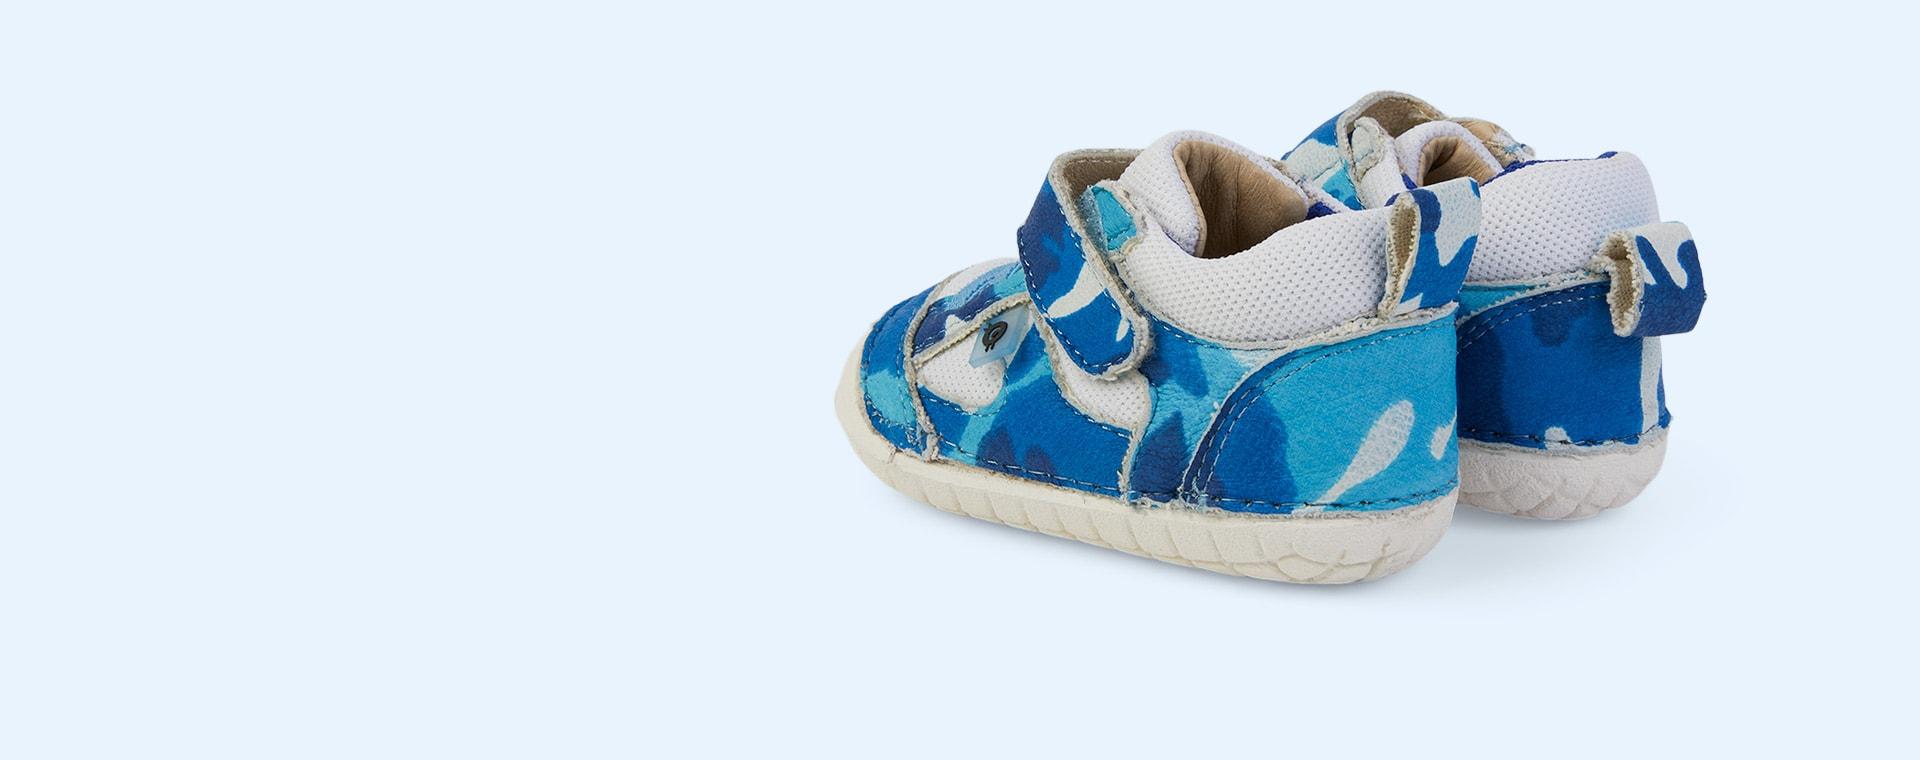 Sky Camo/ White/Cobalt old soles Bru Pave